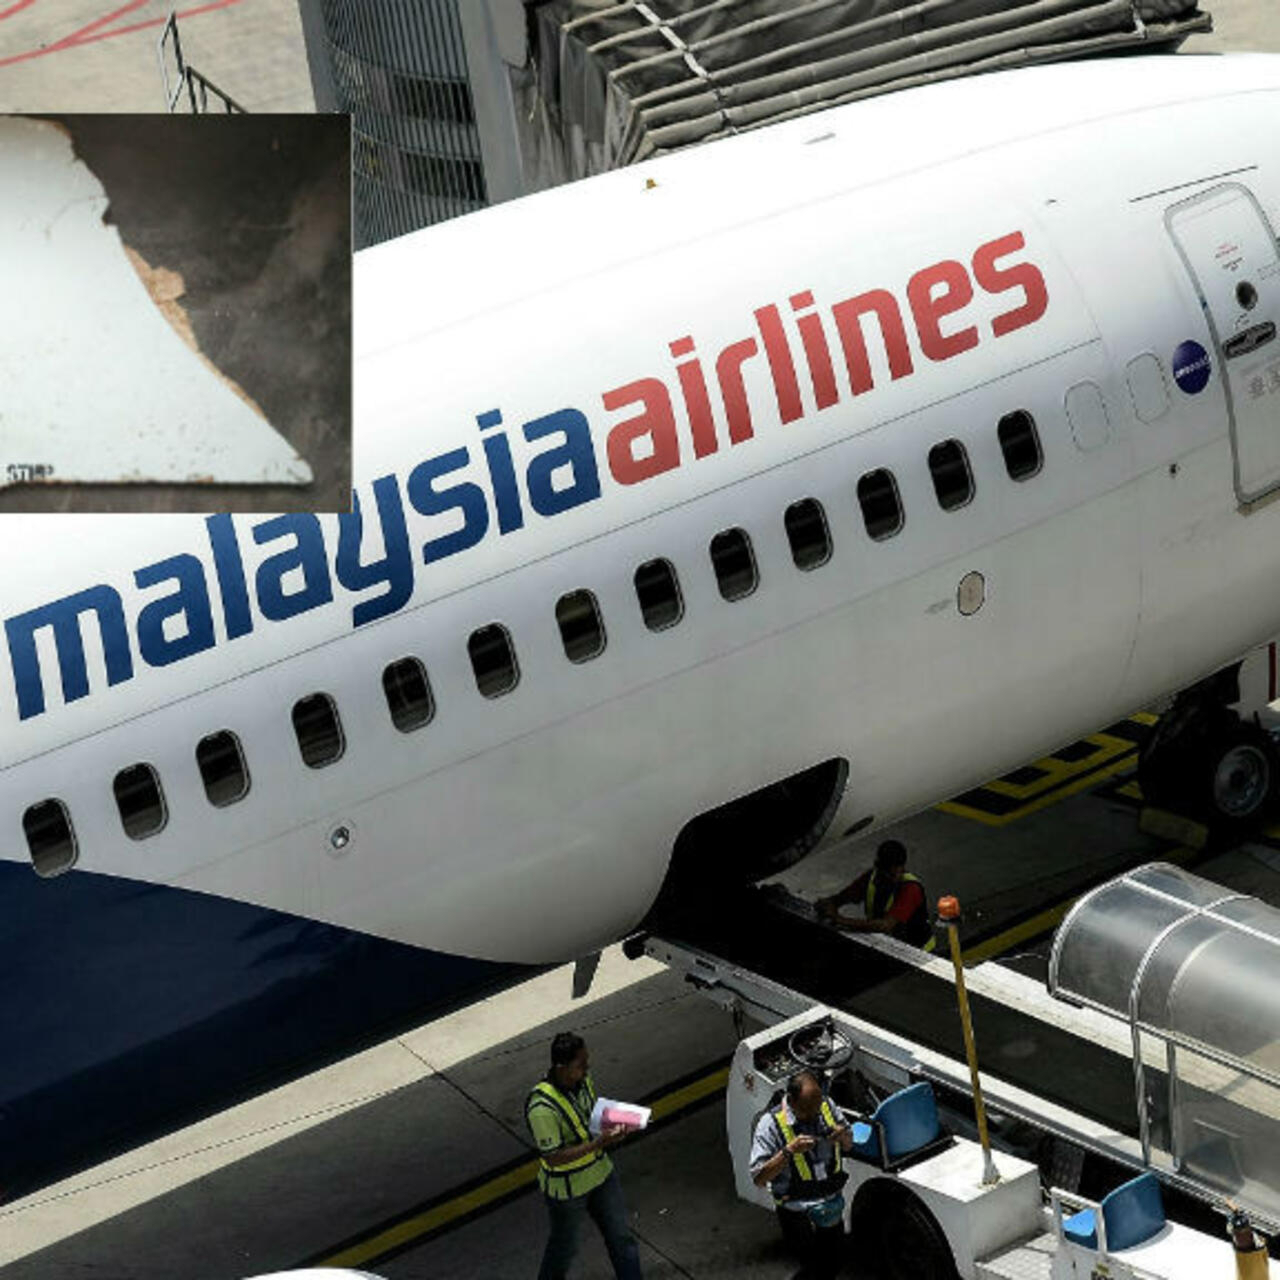 Vol Mh370 De La Malaysia Airlines Decouverte D Un Nouveau Debris Au Mozambique